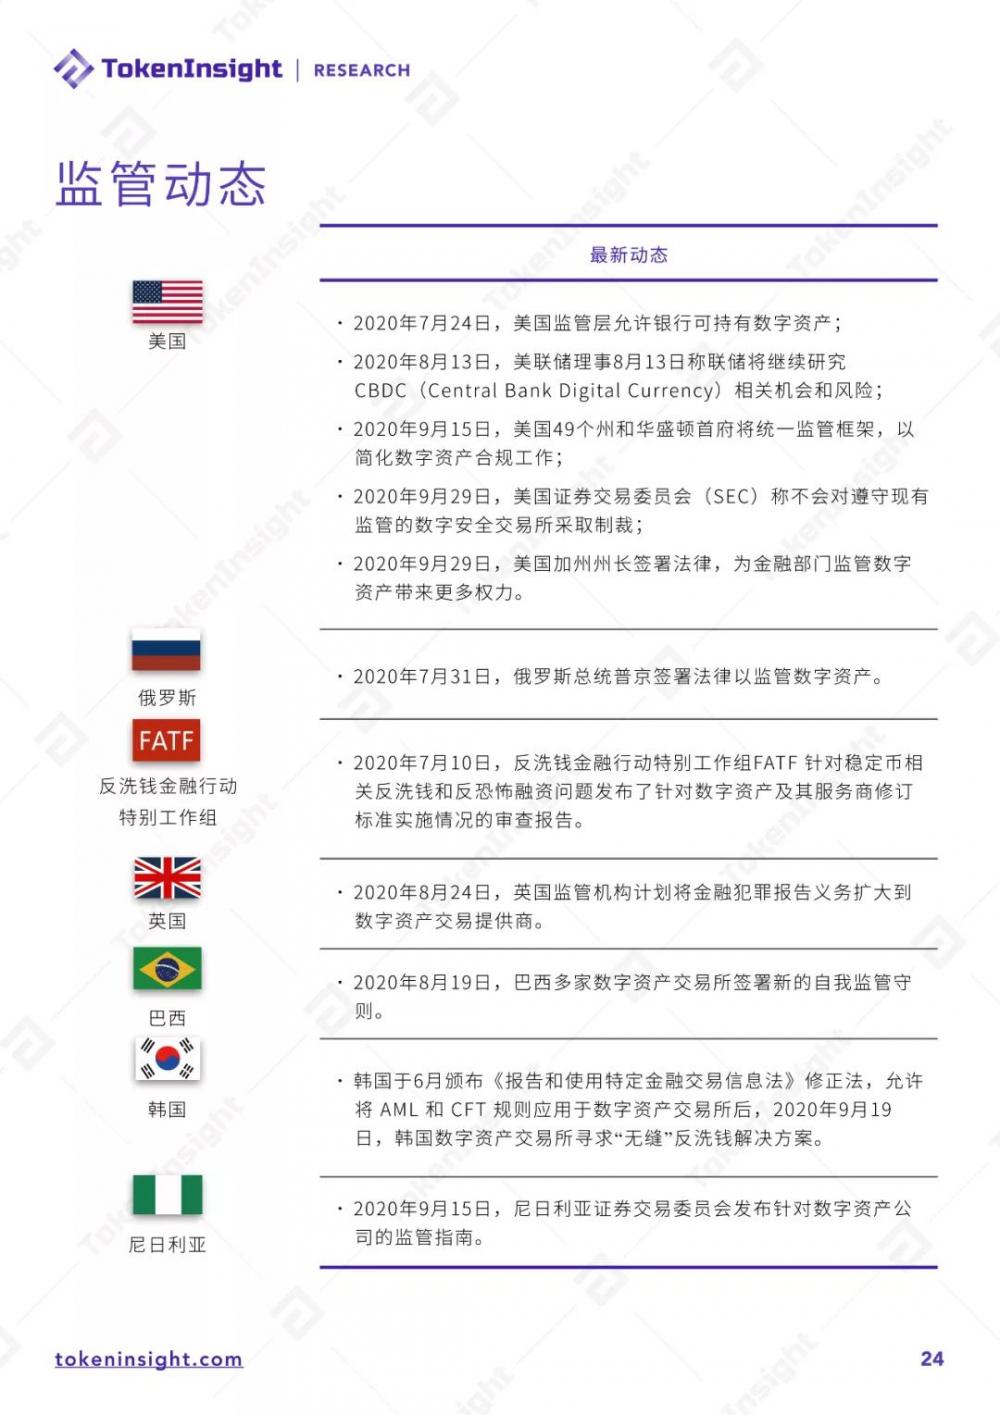 2020年第三季度数字资产现货交易行业研究报告  tokeninsight插图34